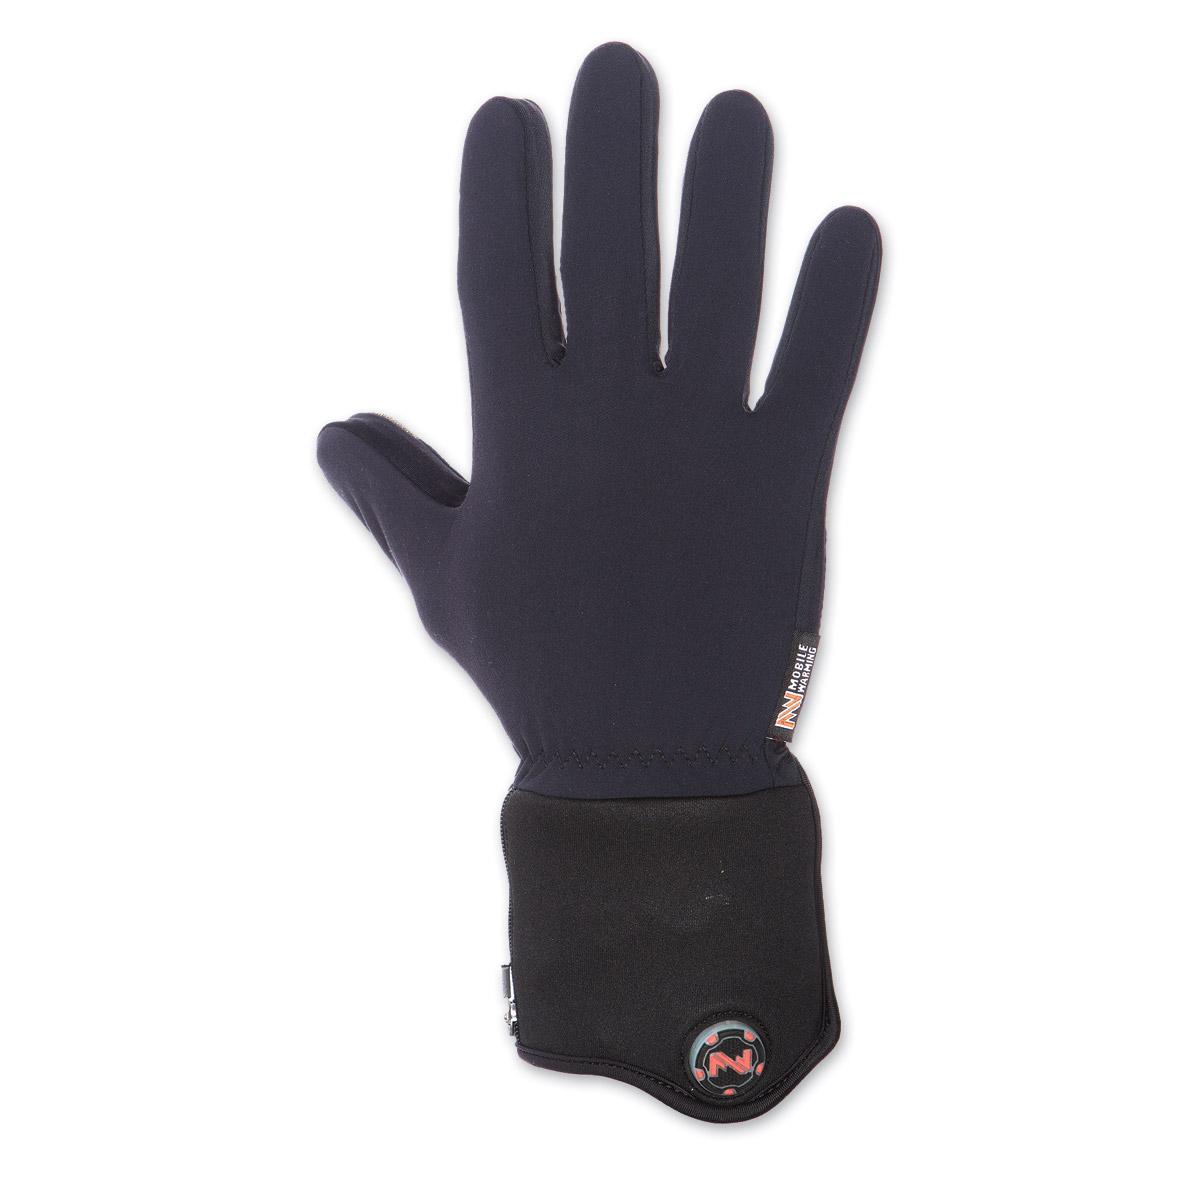 Mobile Warming 7.4V Heated Black Glove Liner